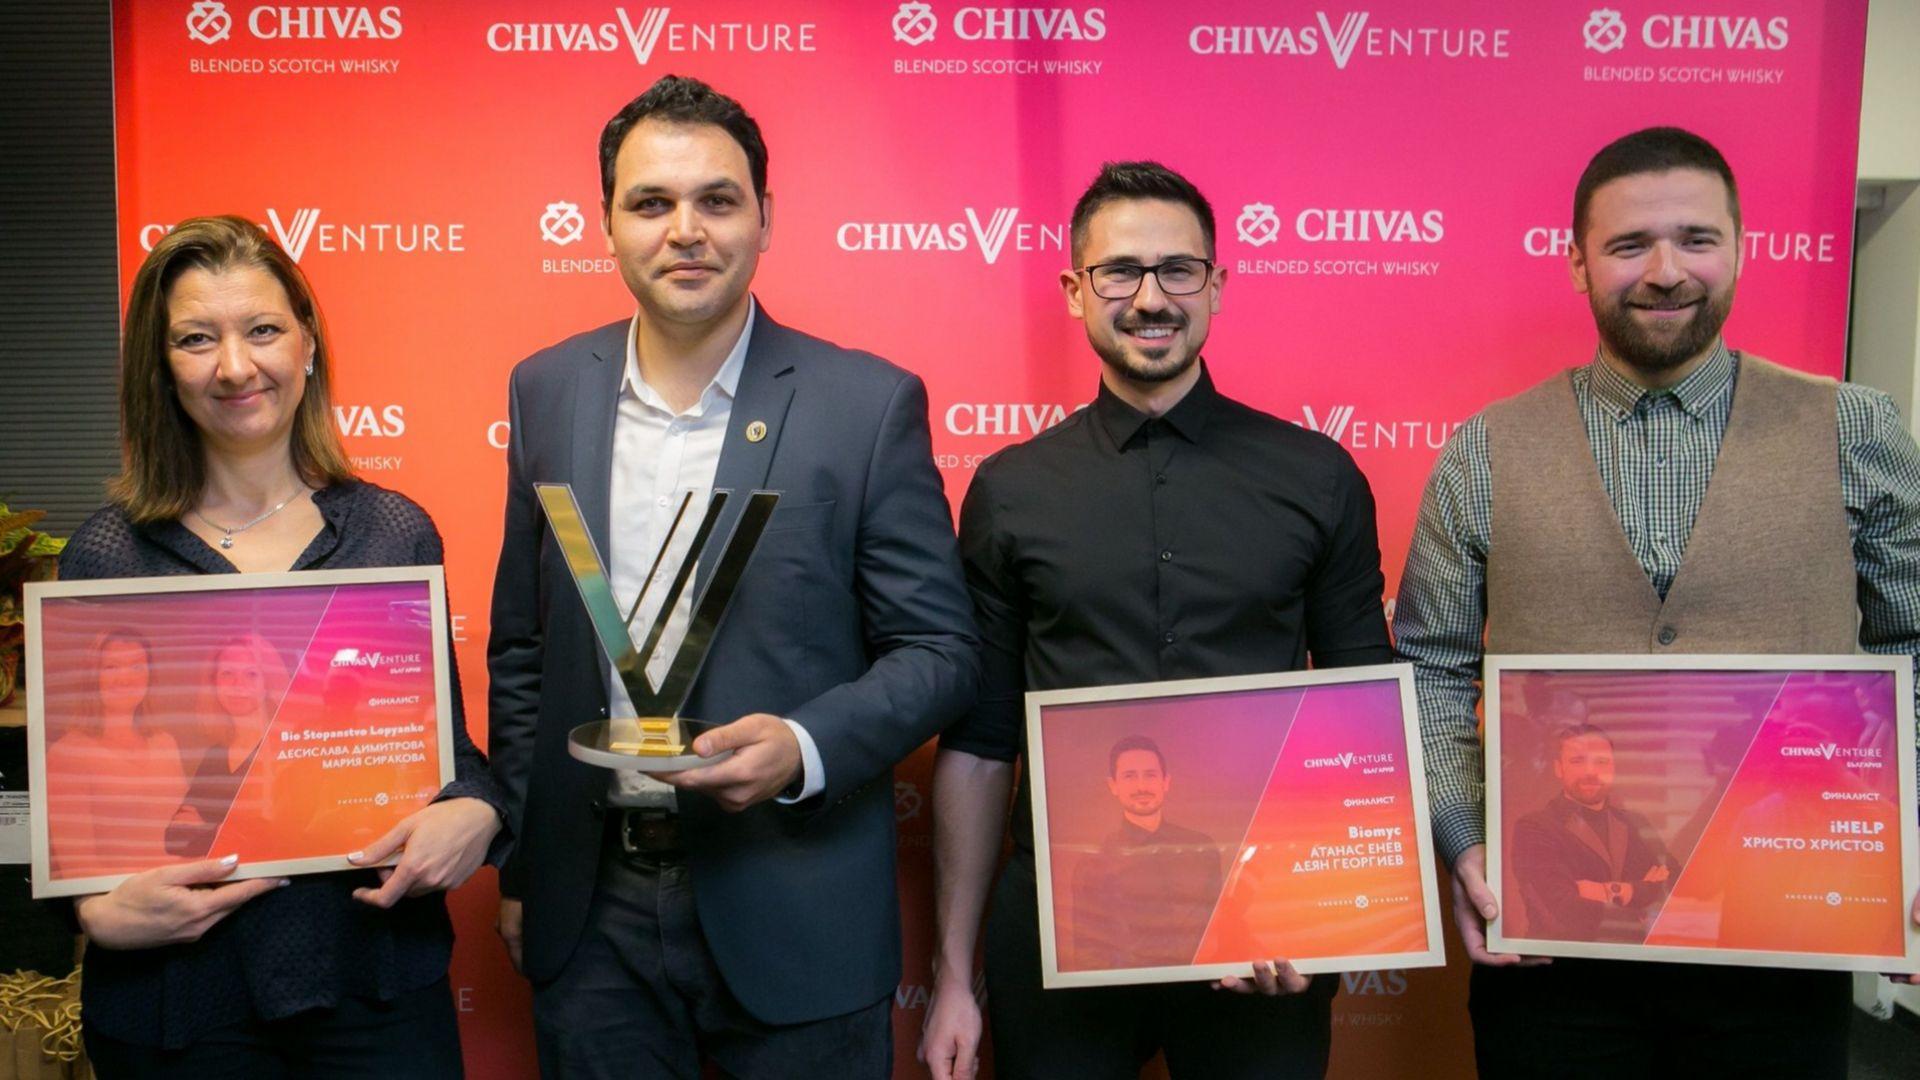 ENOVA H2O спечели надпреварата на Chivas Venture 2020 в България